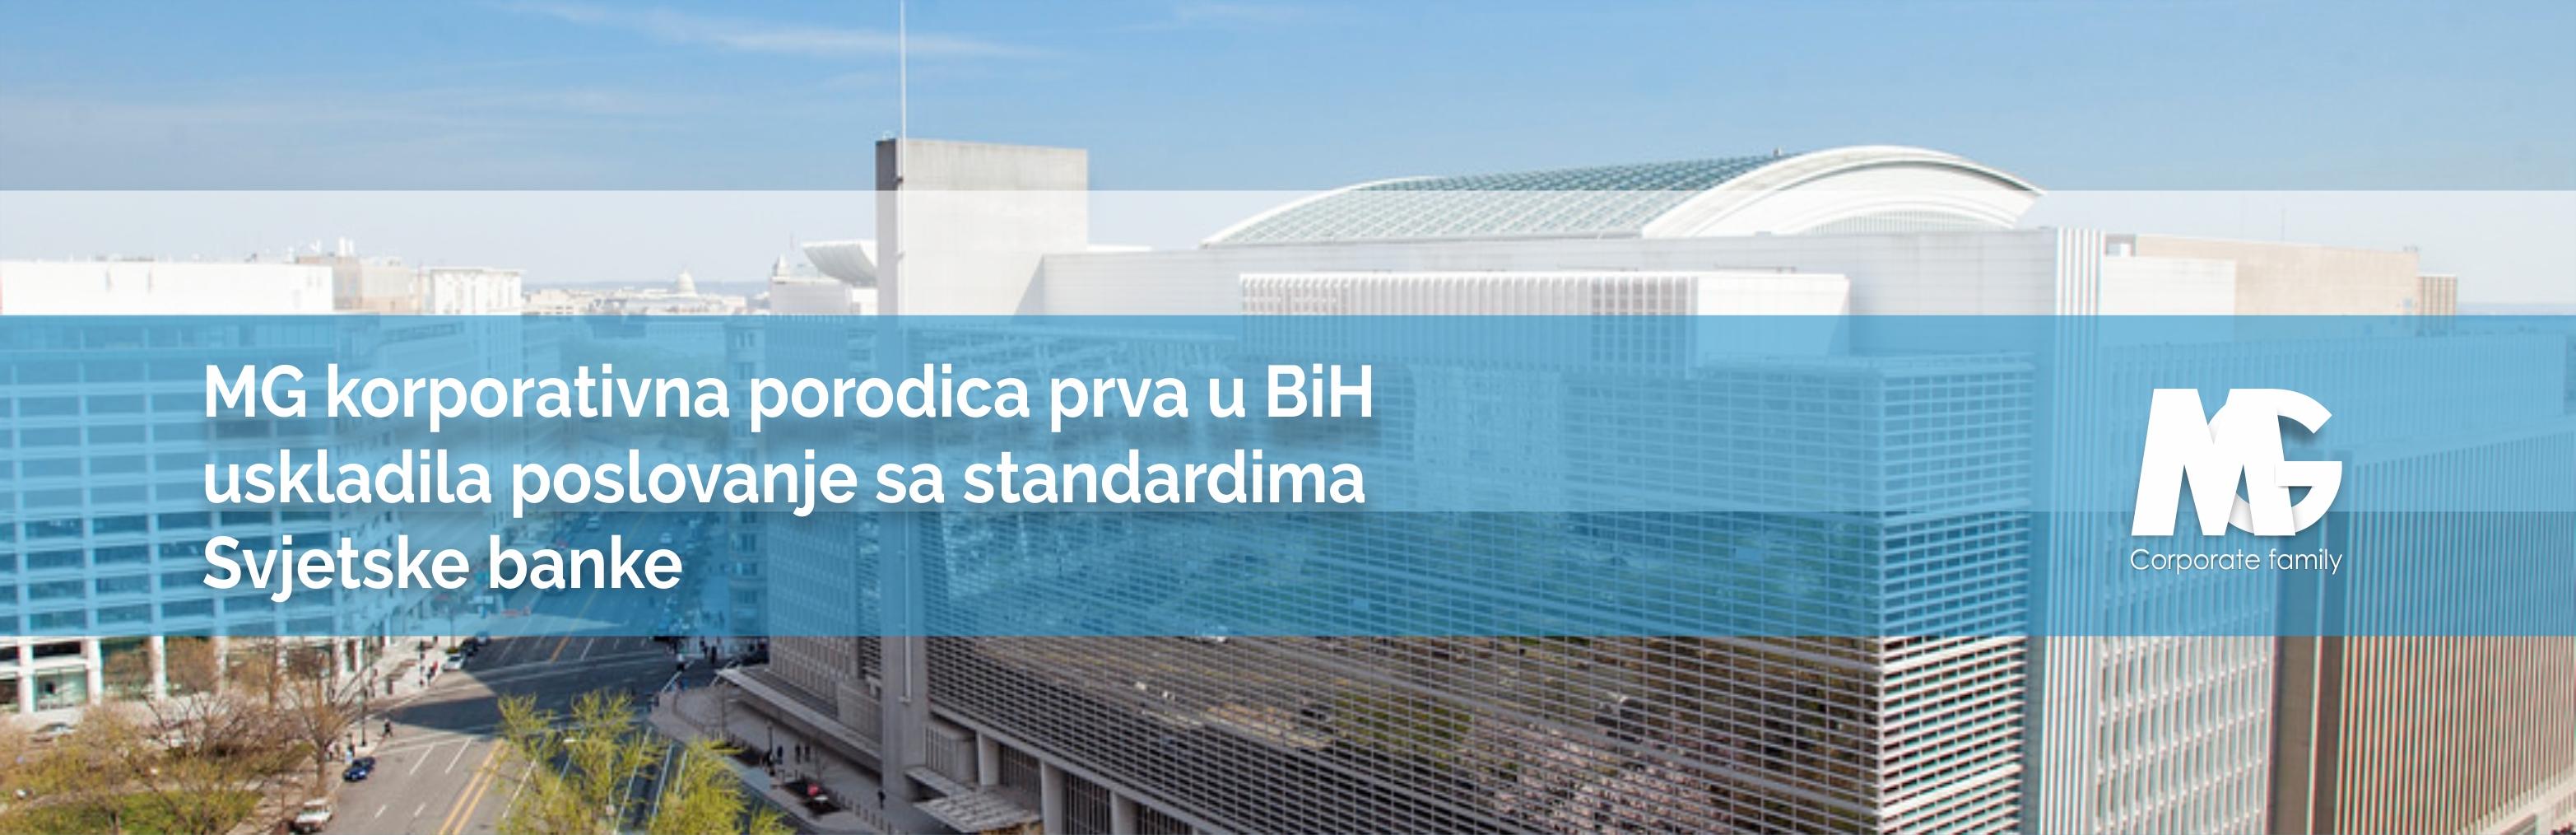 MG korporativna porodica prva u BiH  uskladila poslovanje sa standardima Svjetske banke